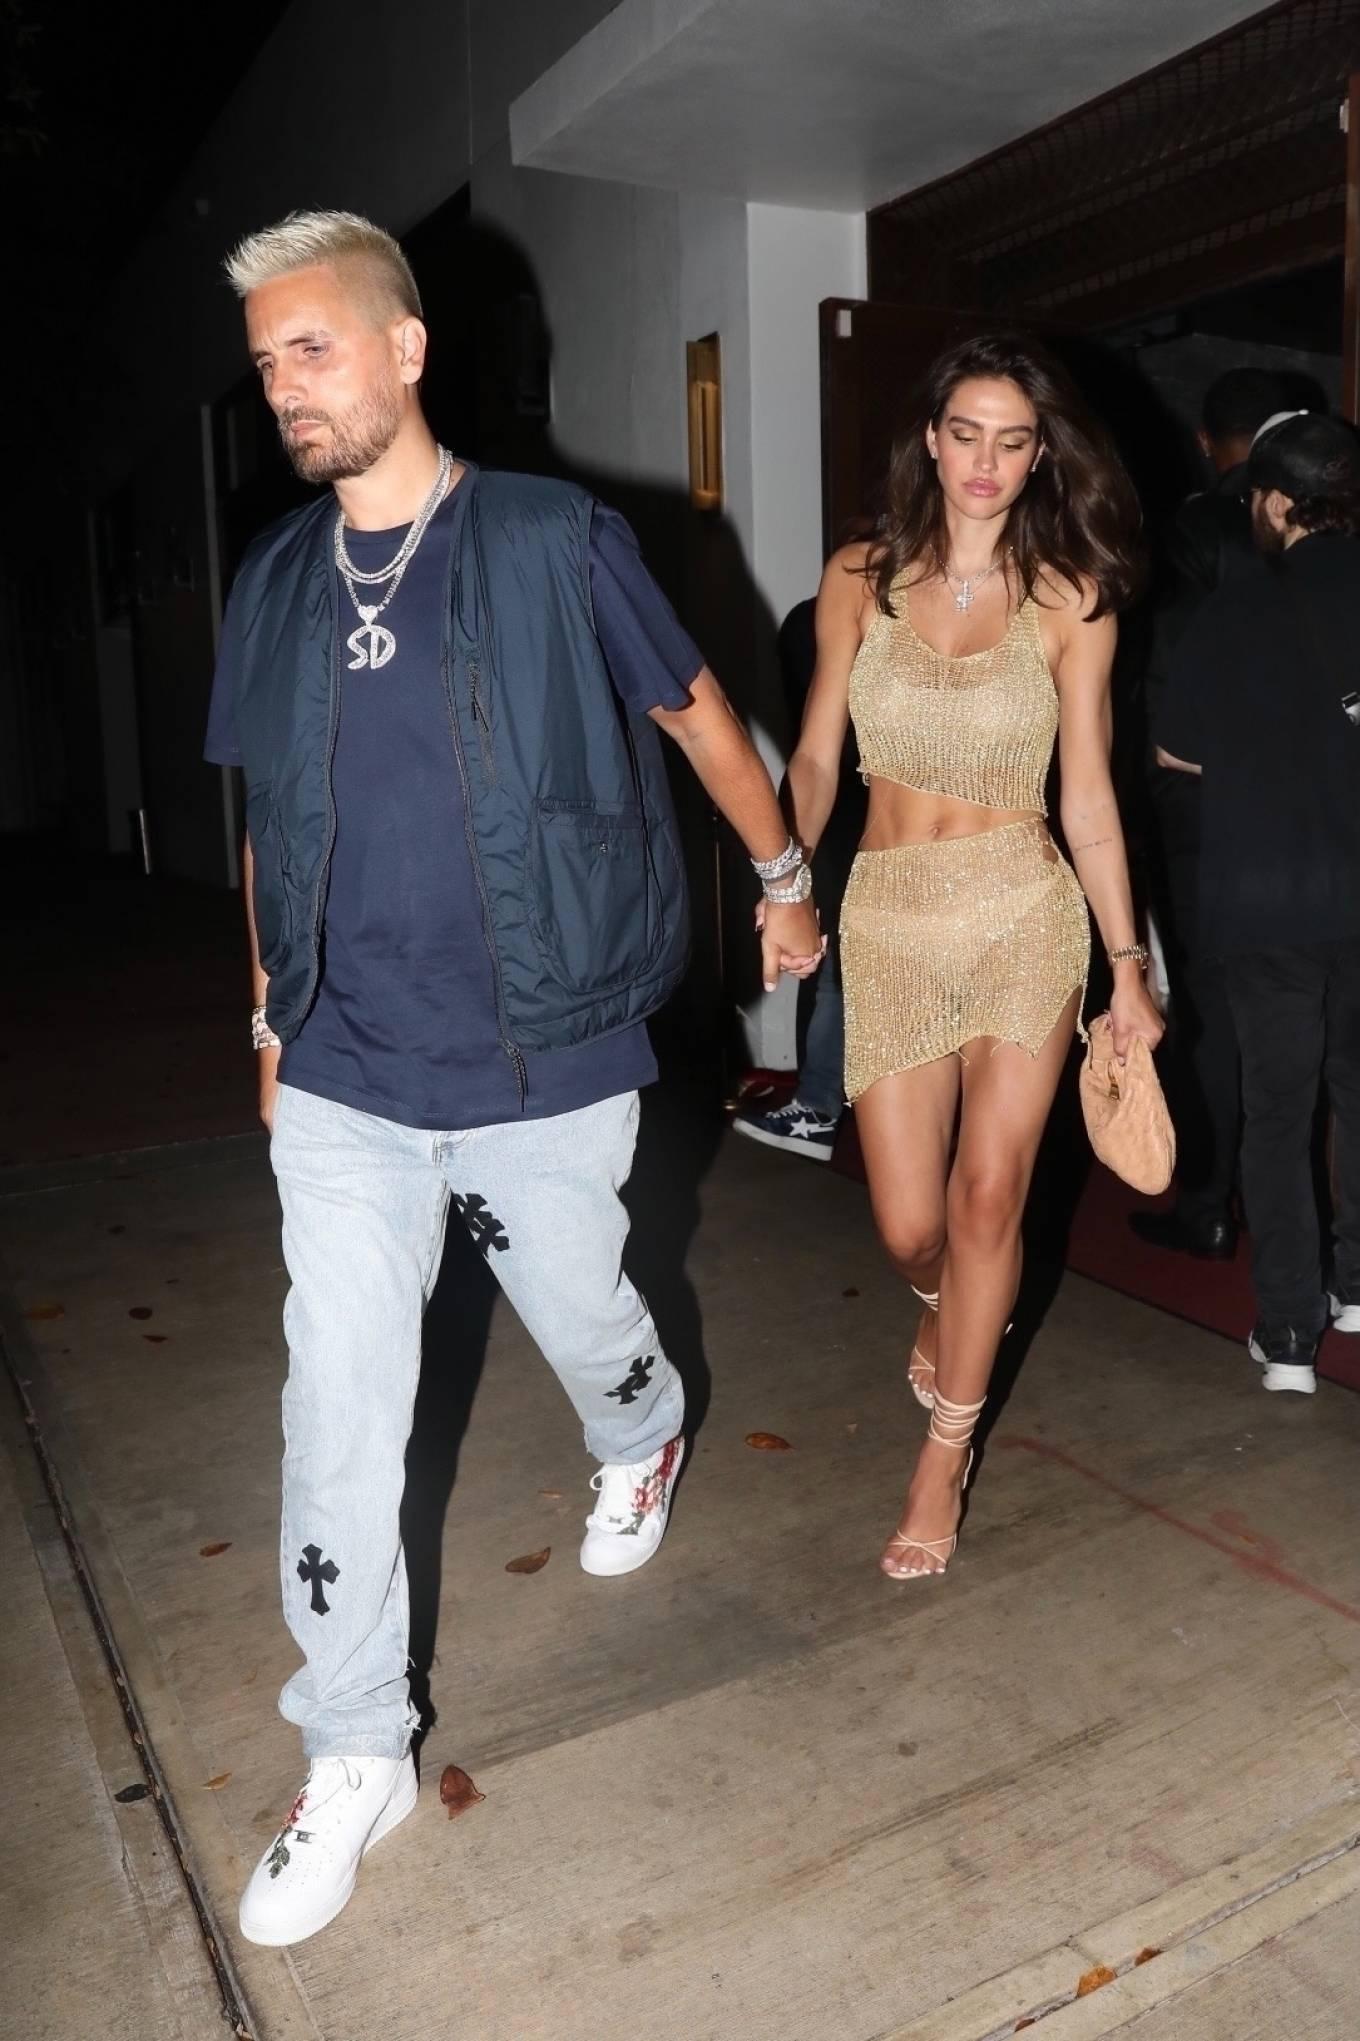 Amelia Hamlin 2021 : Amelia Hamlin – celebrating her 20th birthday with her boyfriend Scott Disick in Miami-04